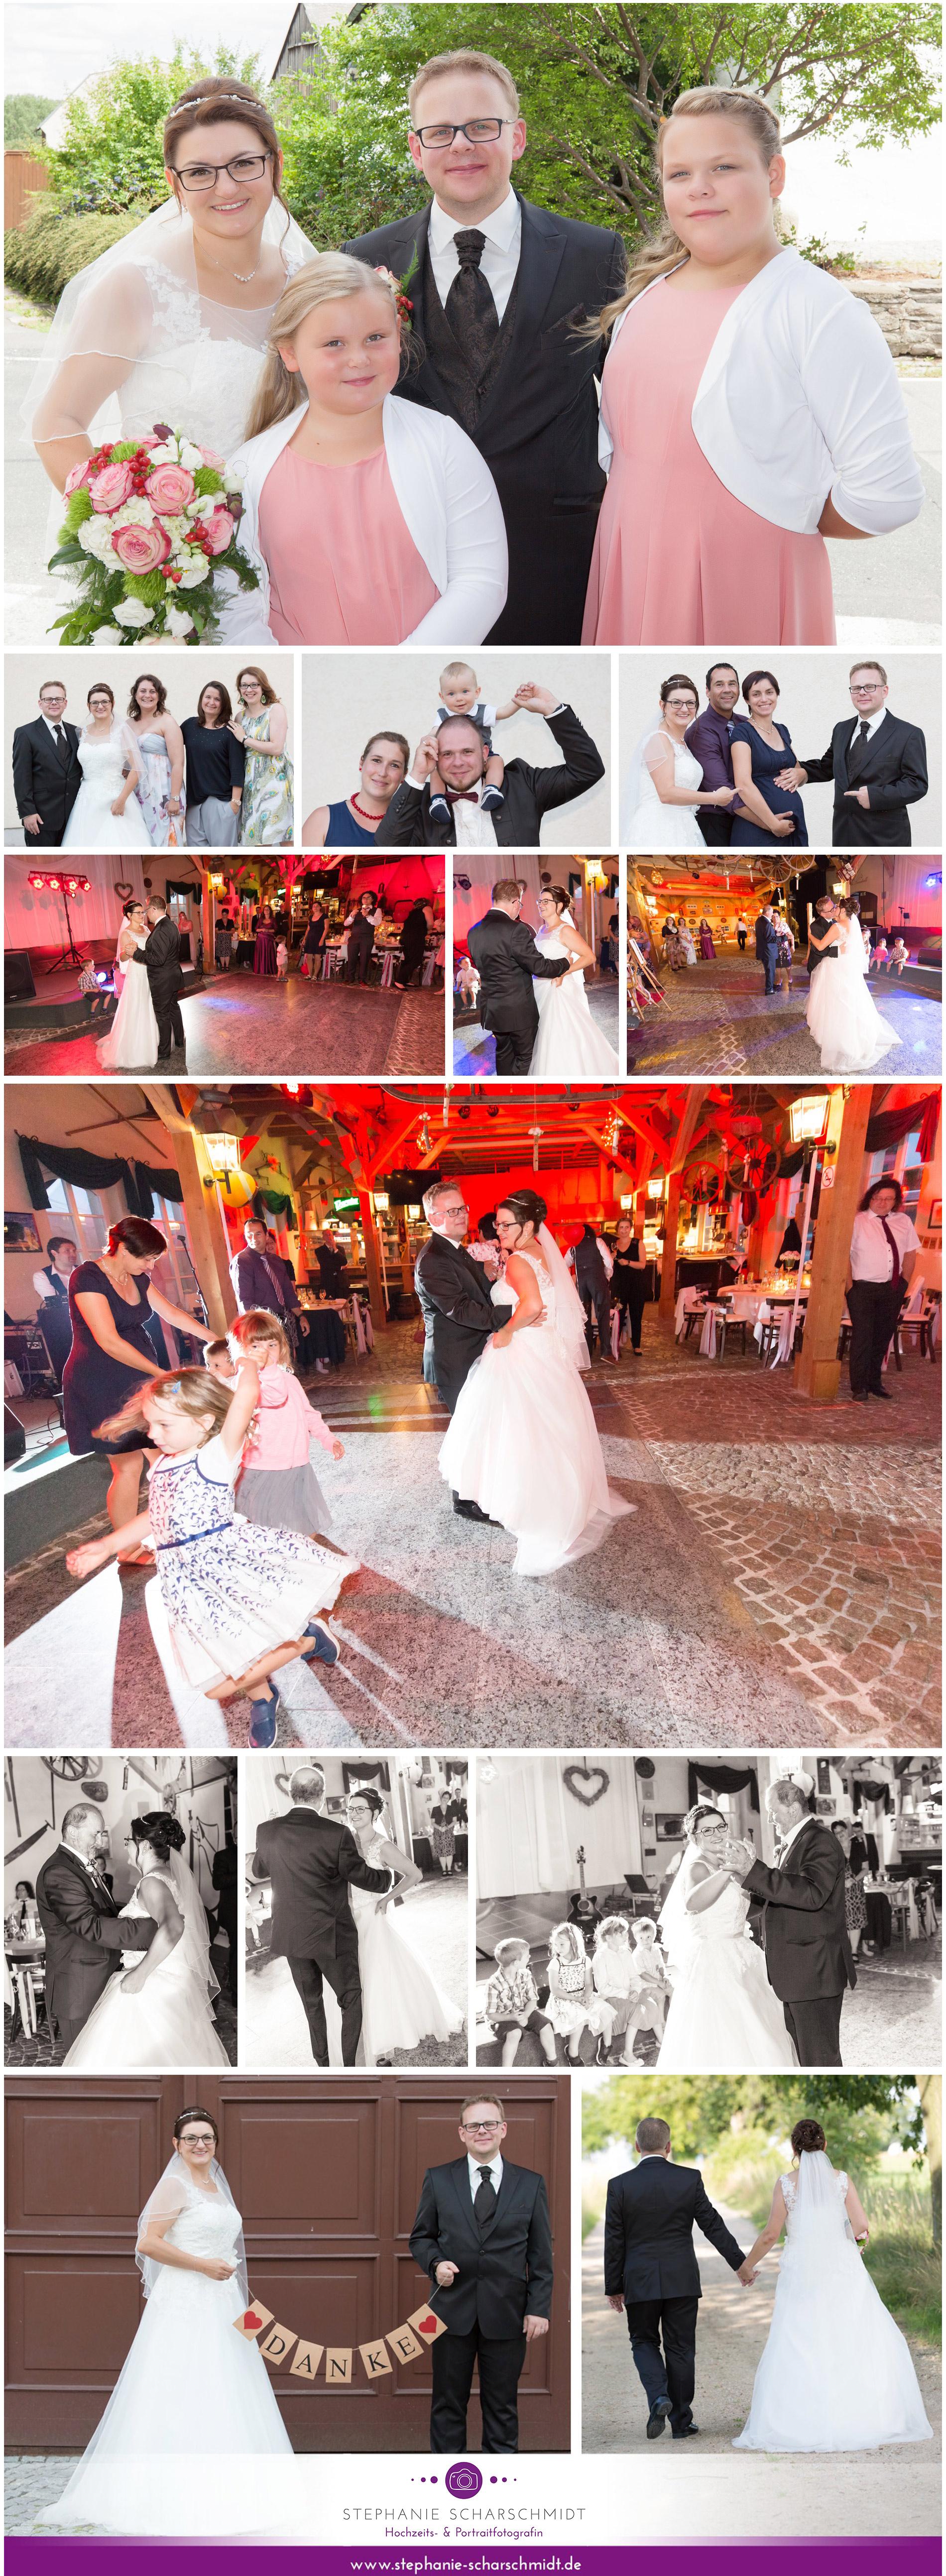 Hochzeit  Wernesgrün Brauerei - Hochzeitsfotograf Stephanie Scharschmidt